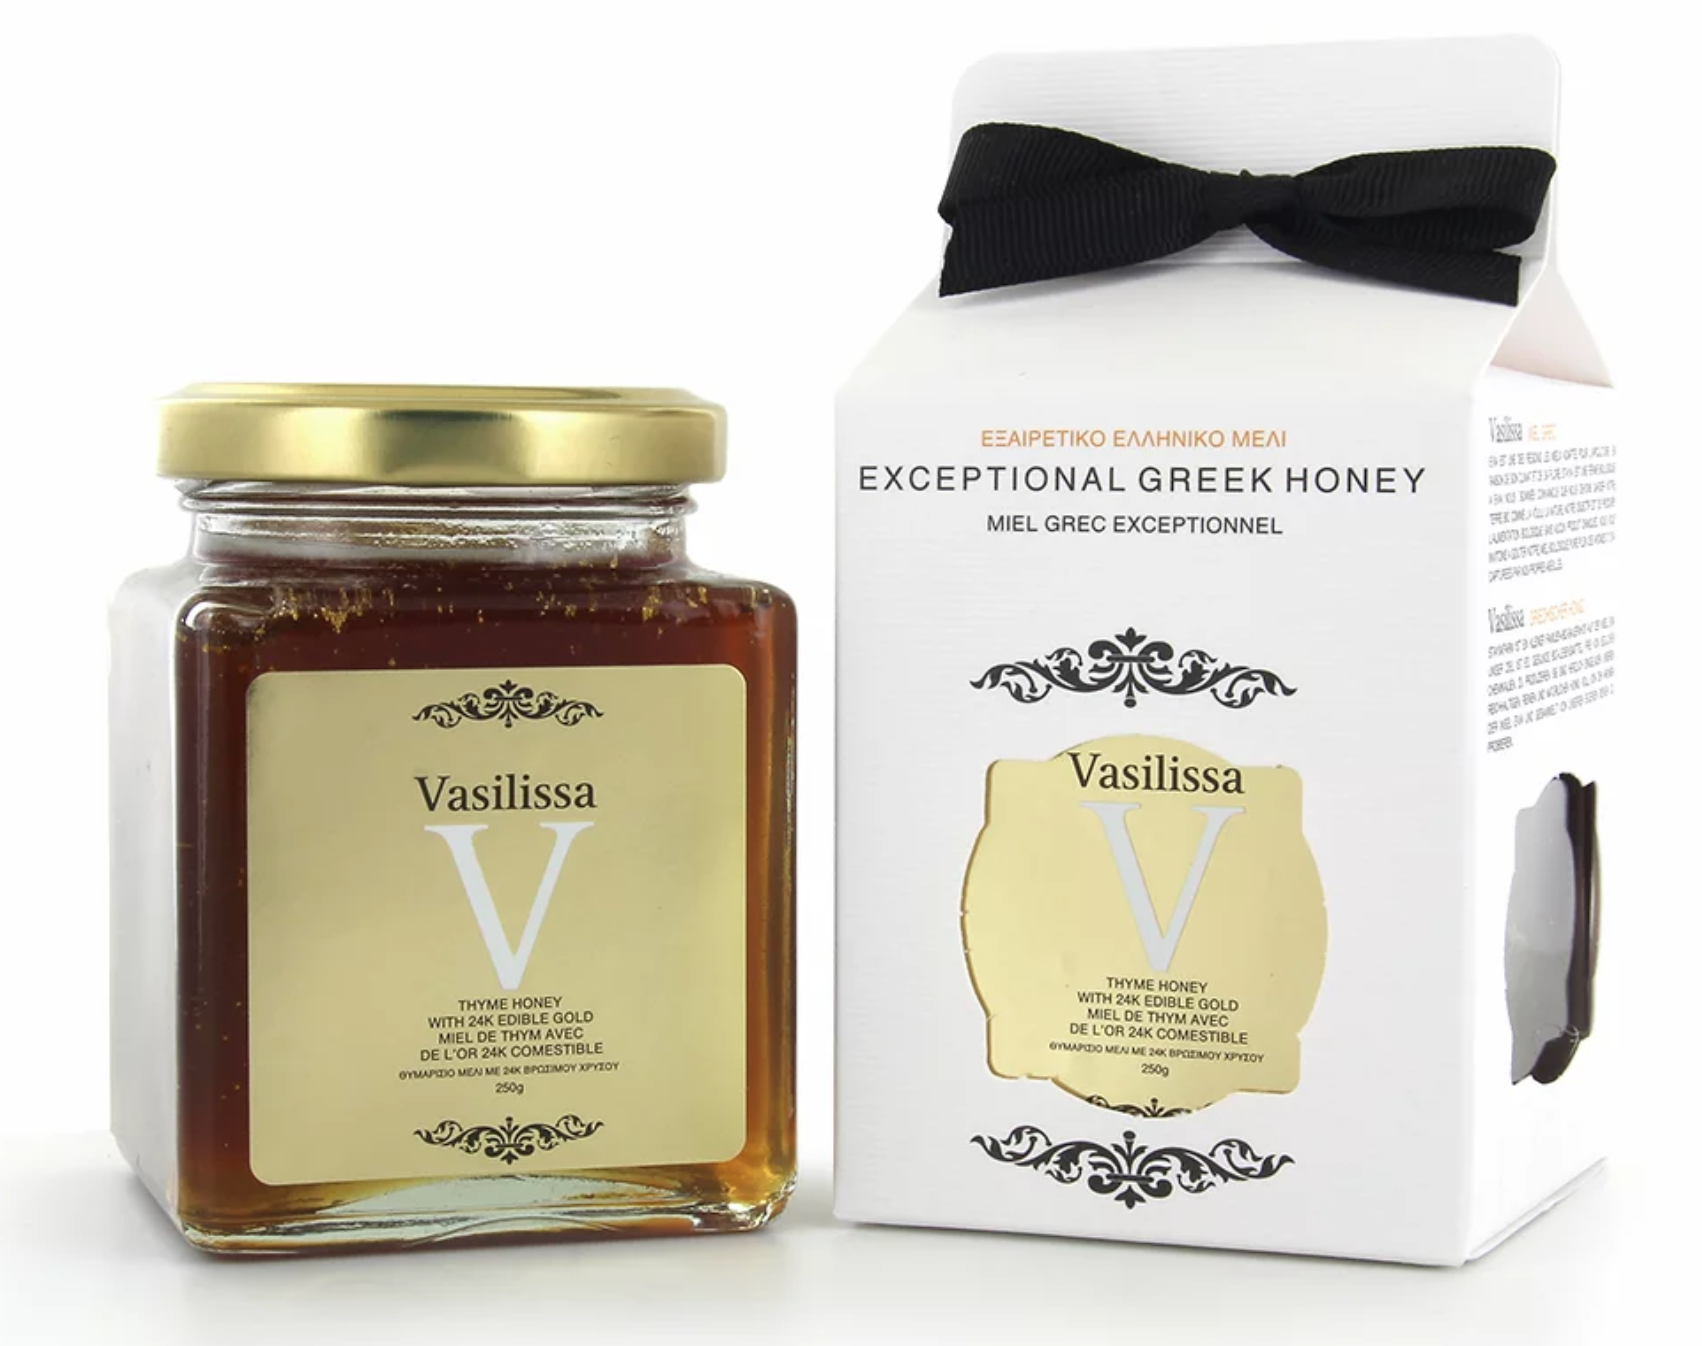 Tymiánový med s 24 karátovým jedlým zlatem